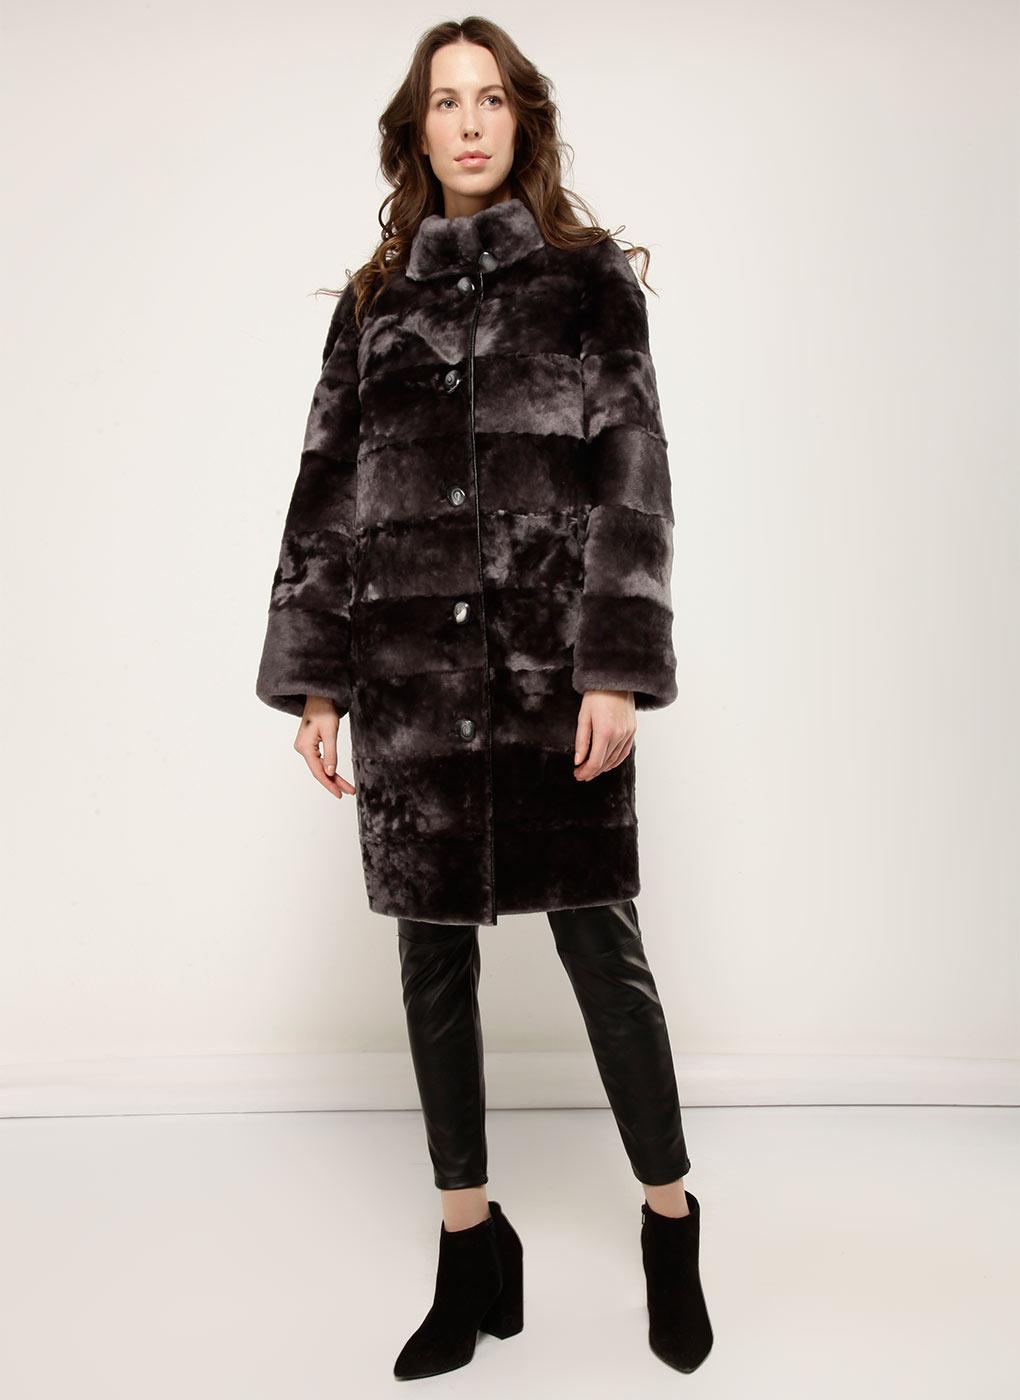 Пальто кокон из мутона 05, Aliance fur